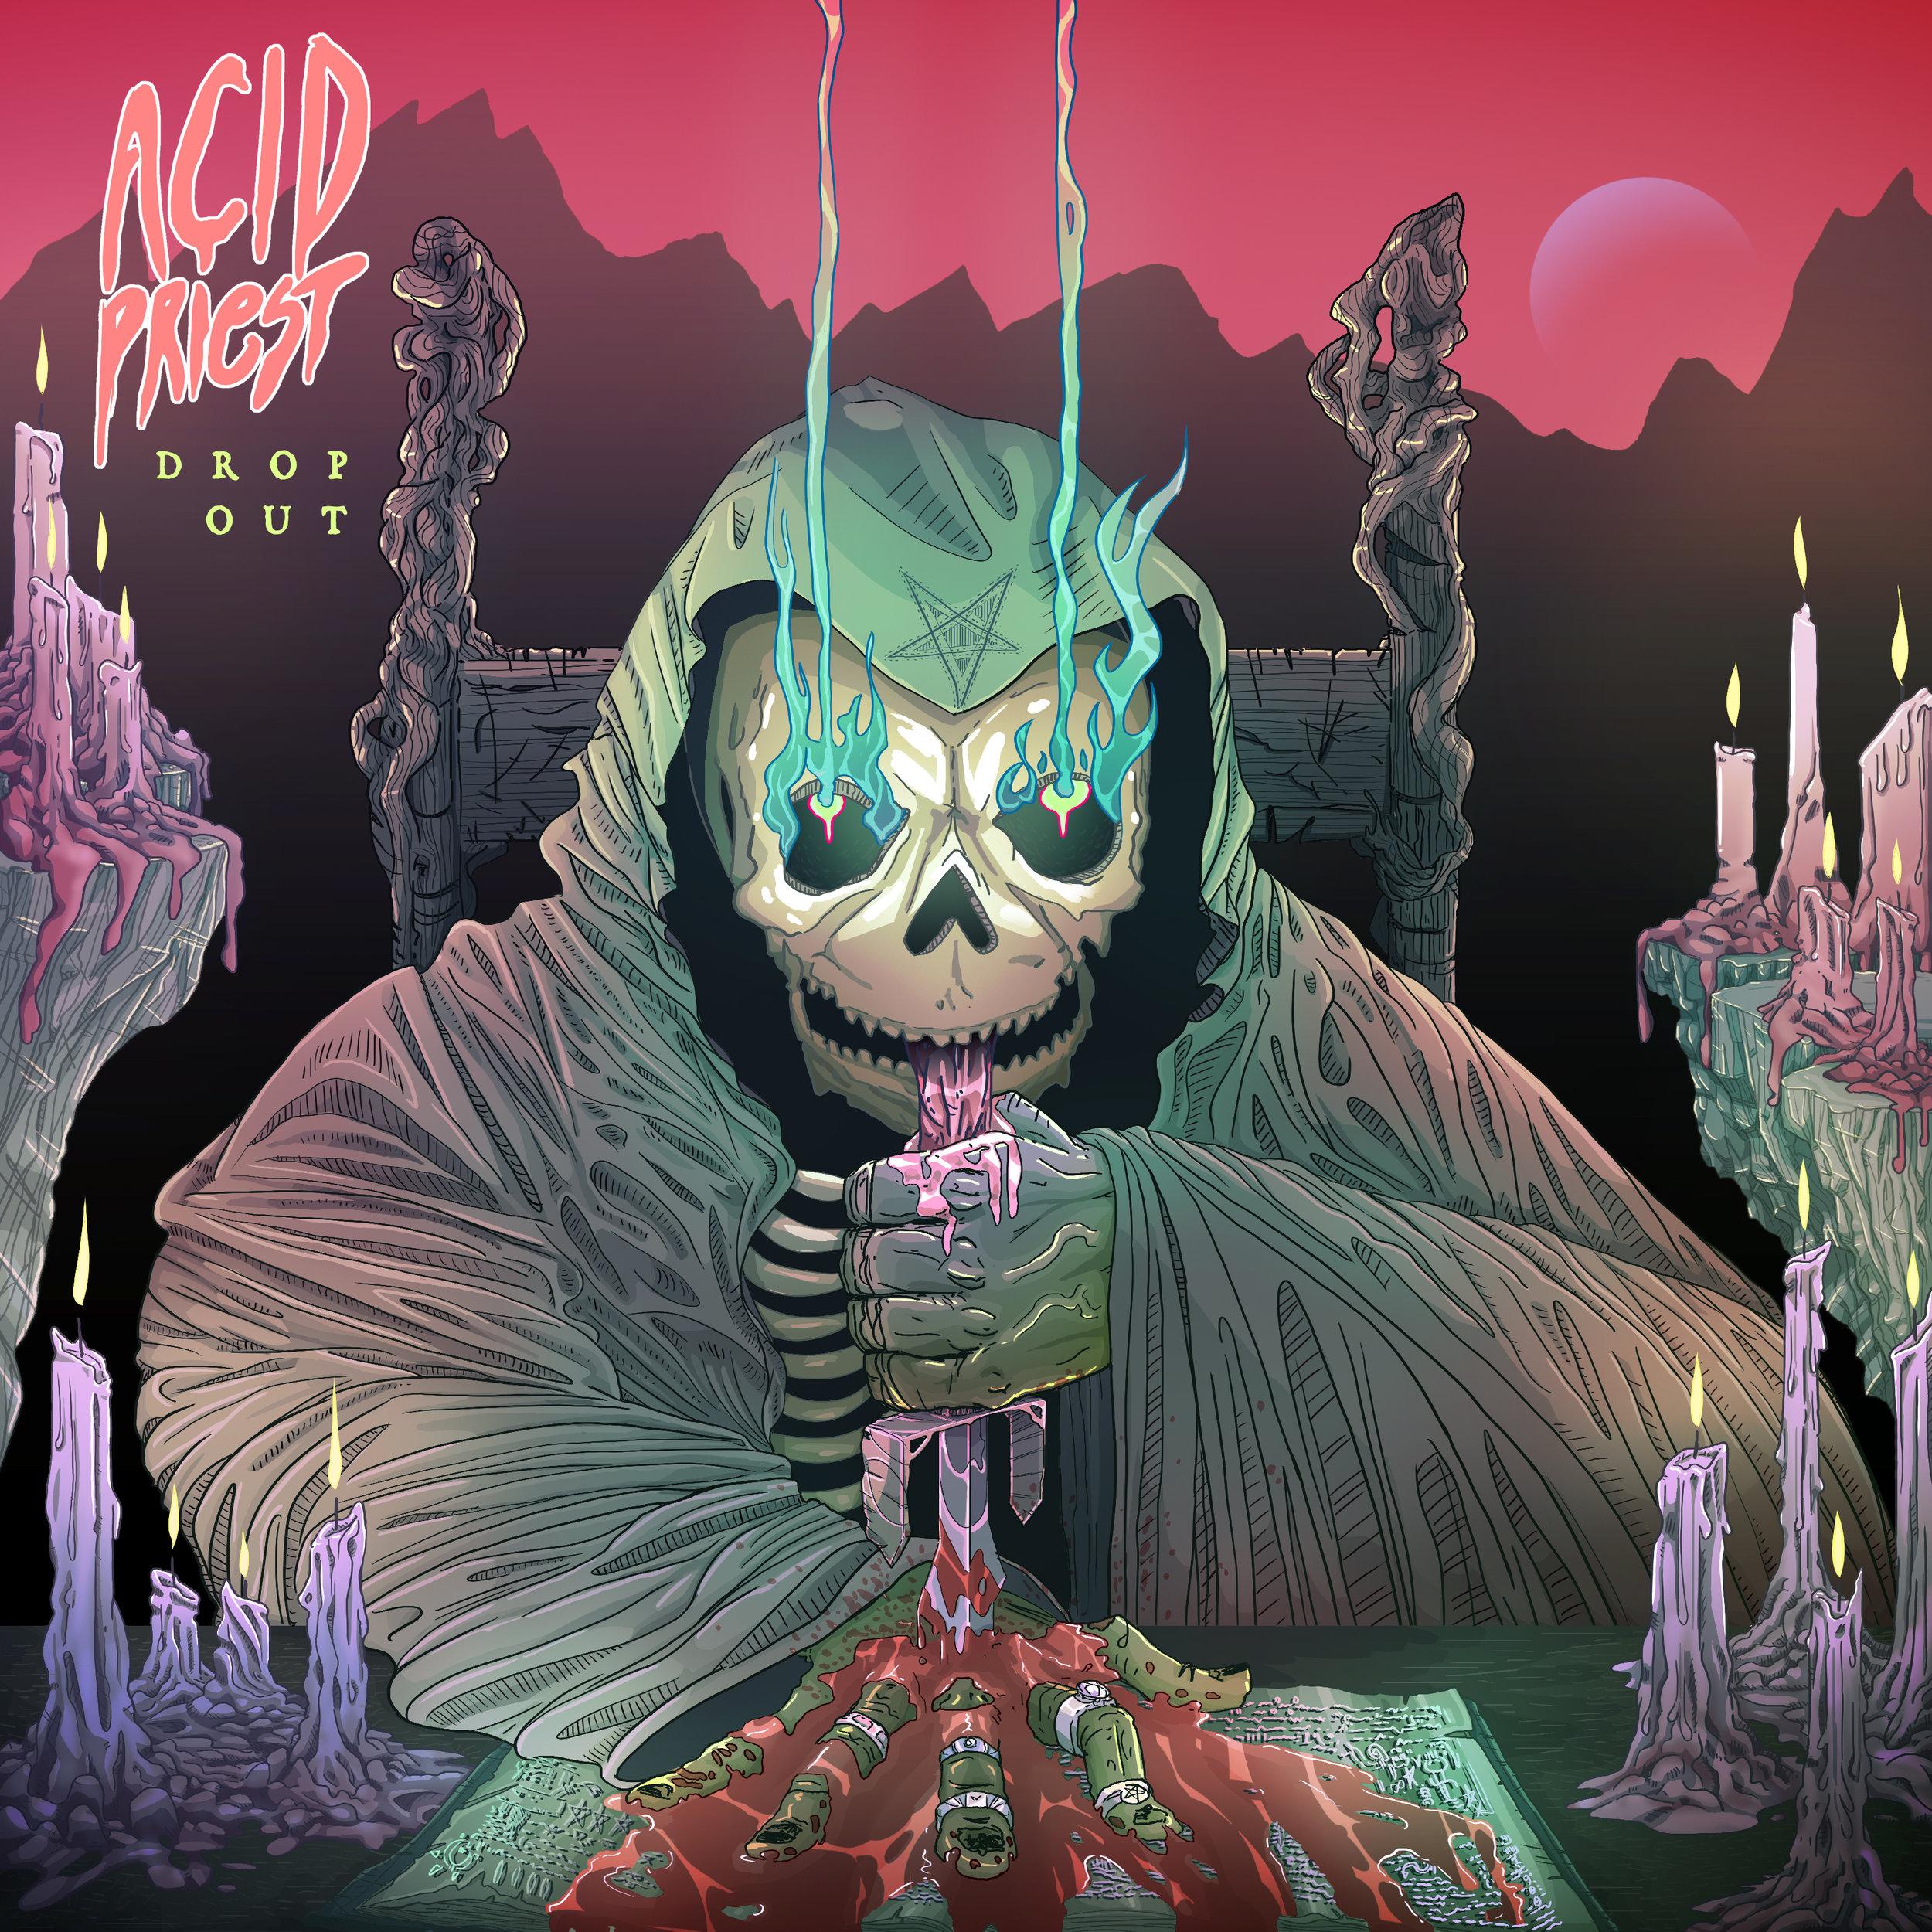 """Acid Priest - """"Drop Out"""""""